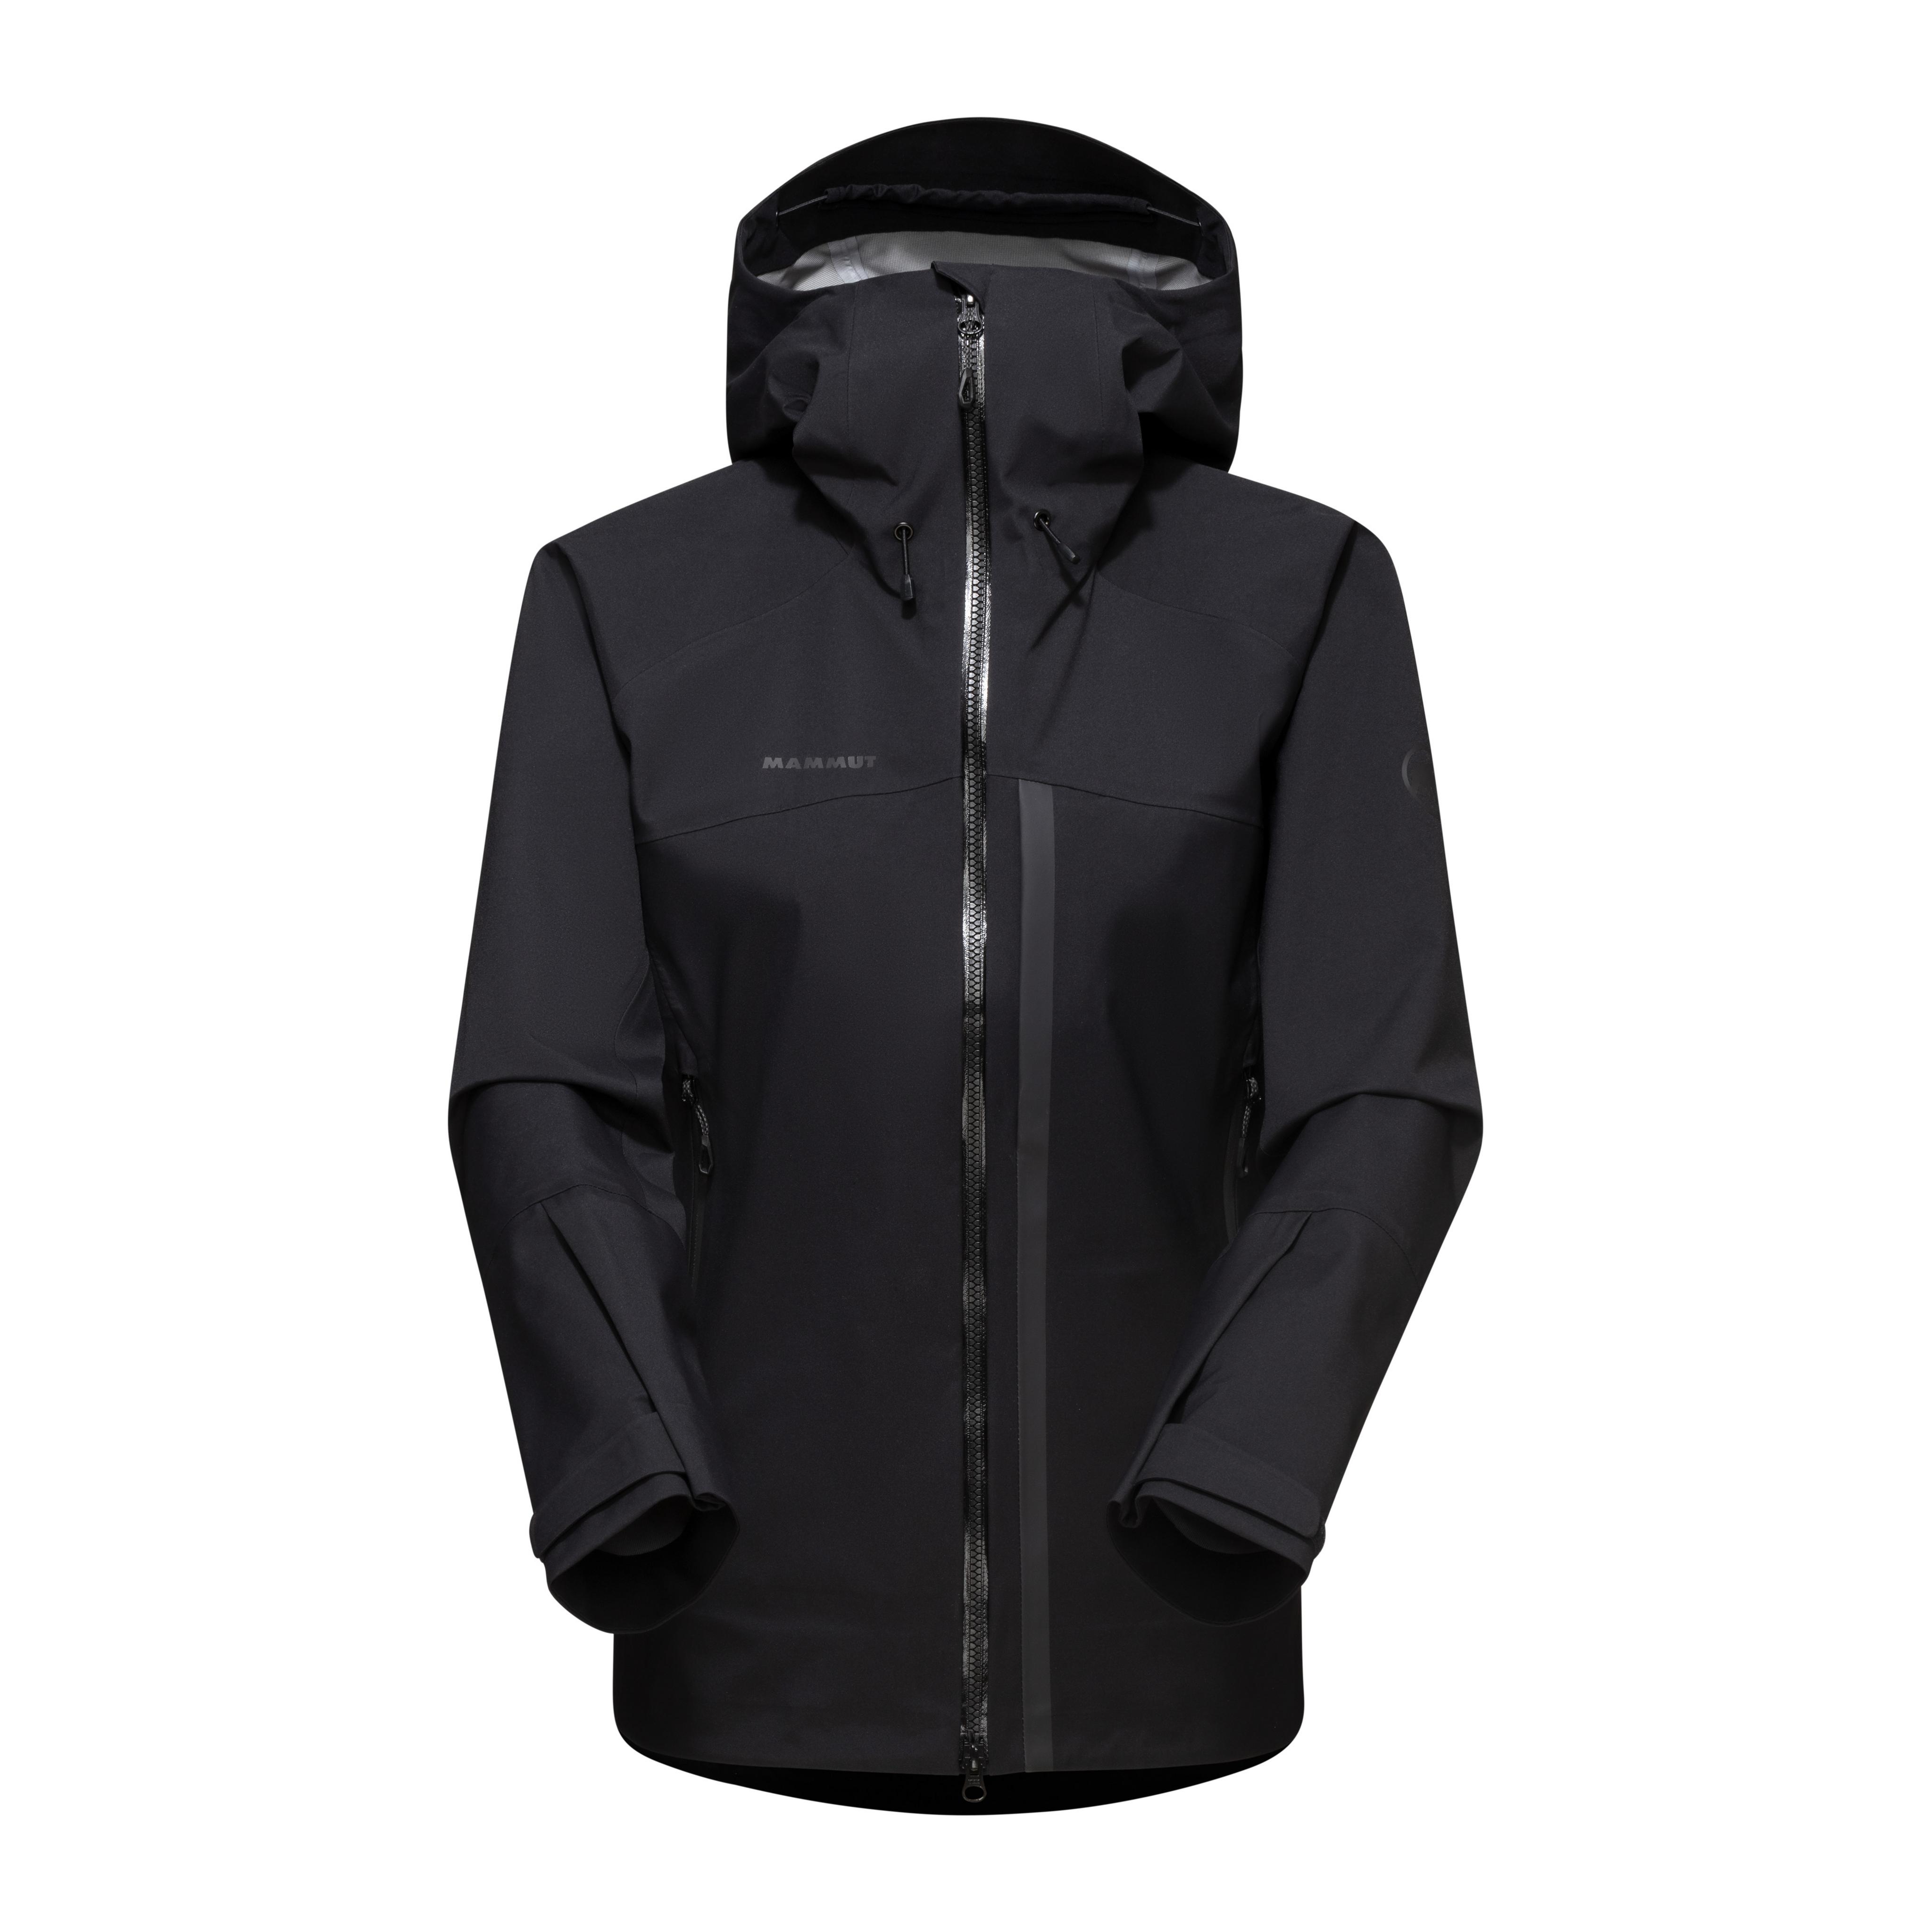 Masao HS Hooded Jacket Women - black, XS thumbnail